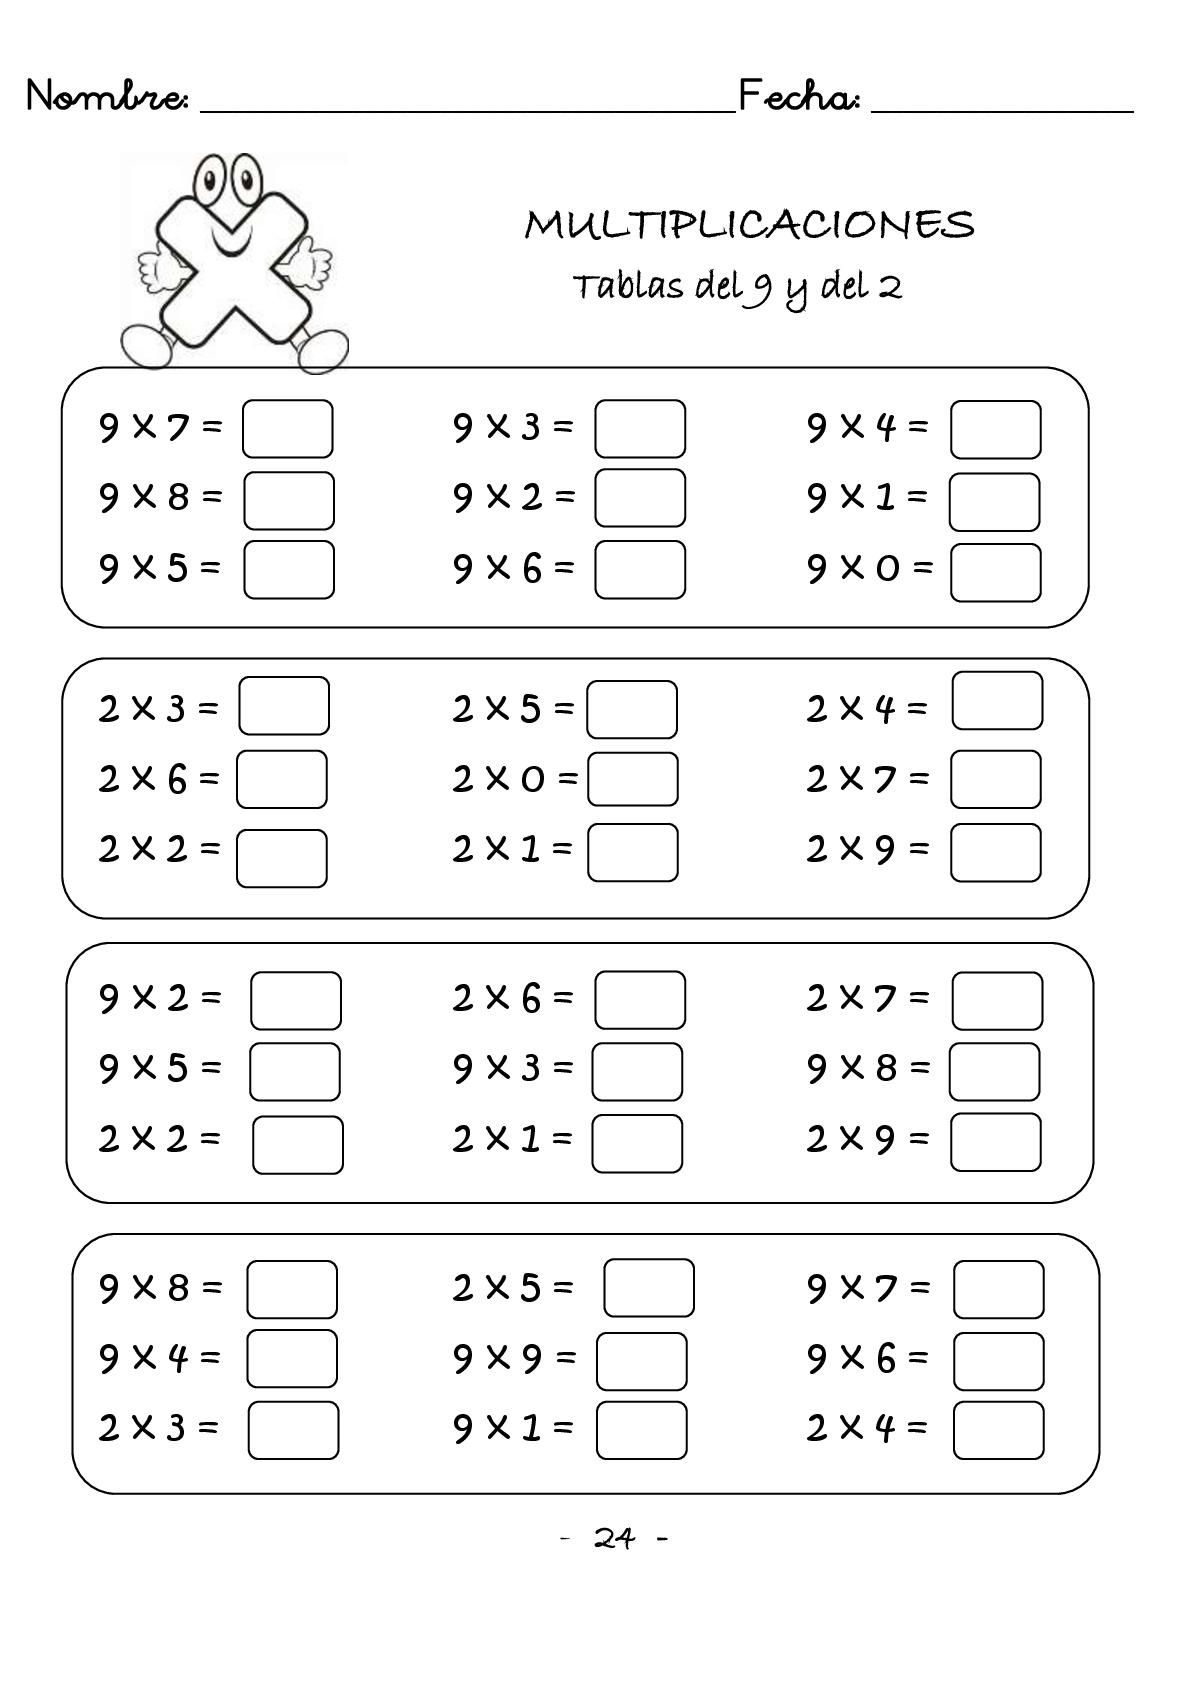 multiplicaciones-rapidas-una-cifra-protegido-025